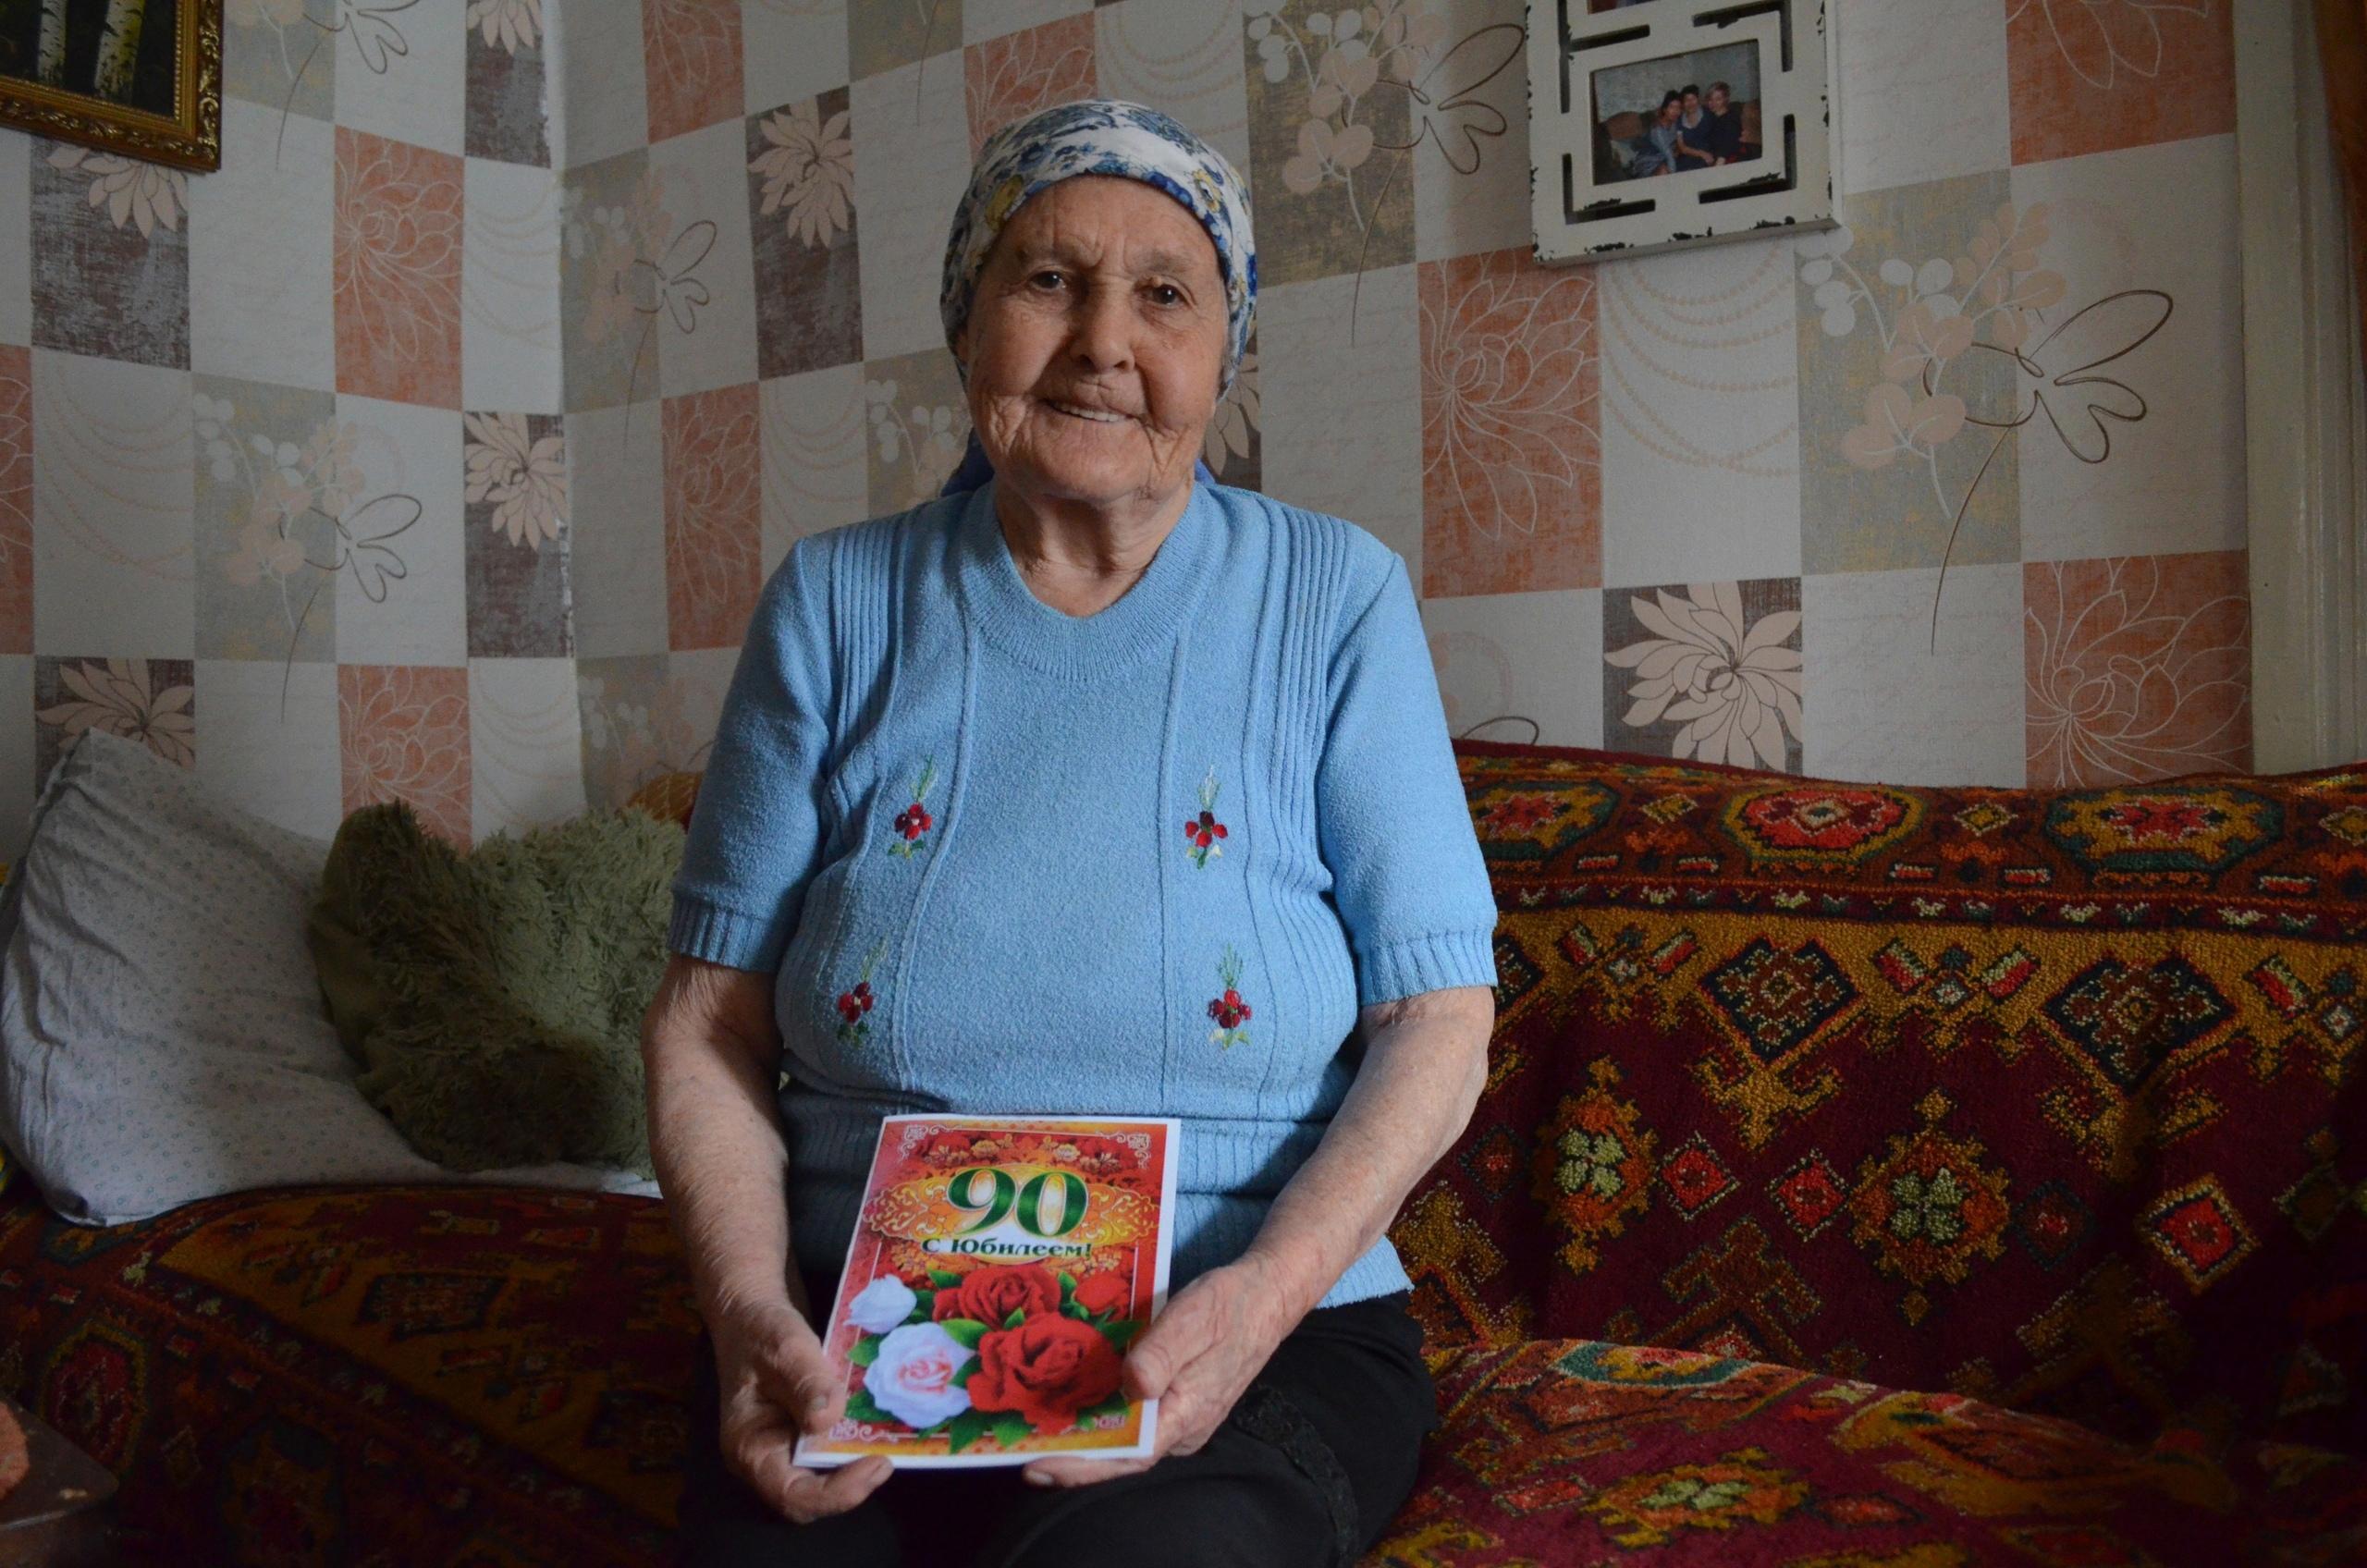 Сегодня 90-летие отмечает жительница Петровска Дарья Прокофьевна ХРУСТАЛЬКИНА